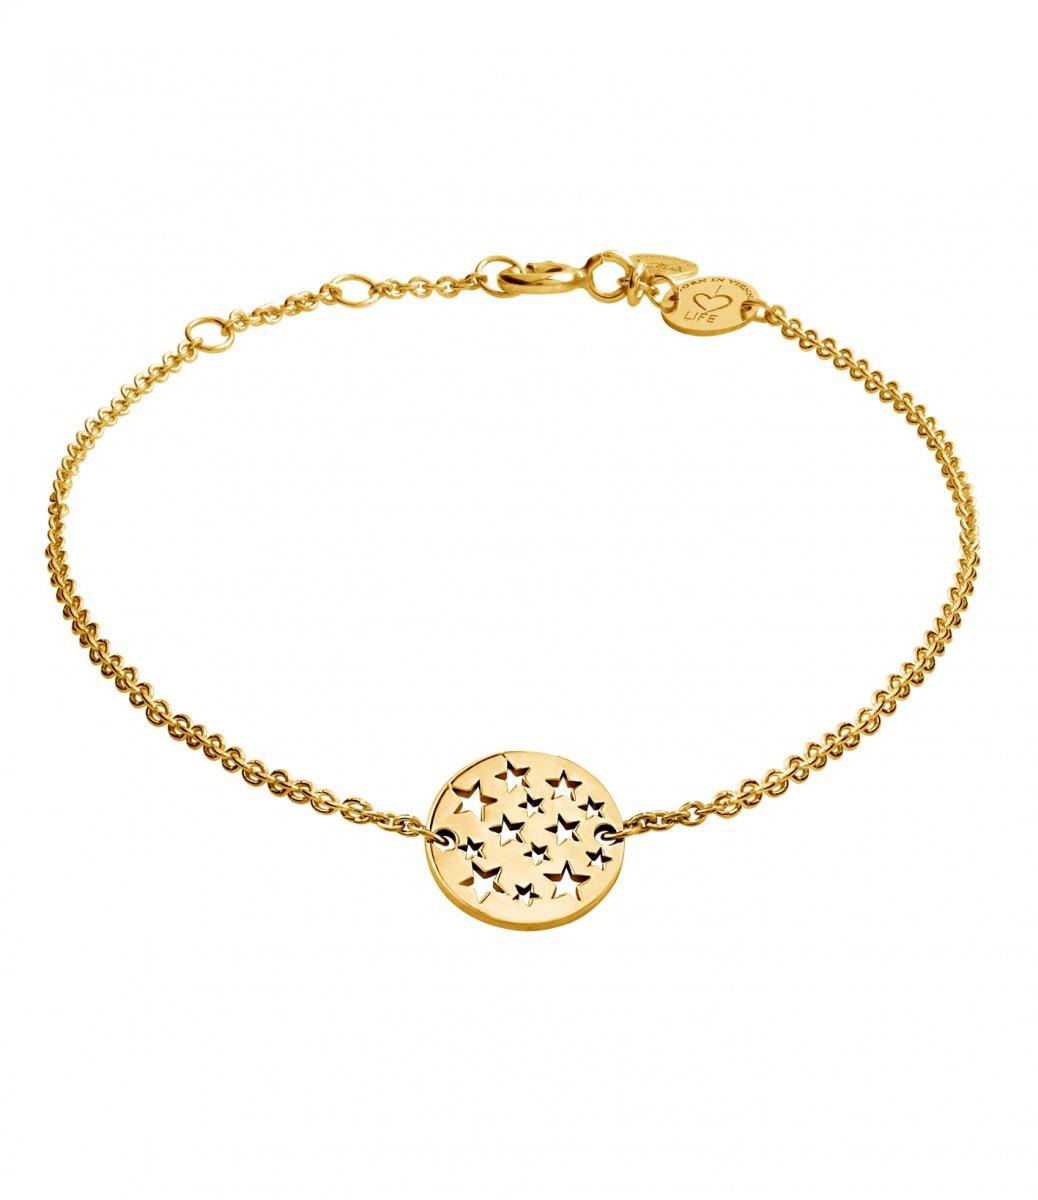 Zlatý náramok LA VIIDA s motívom hviezd